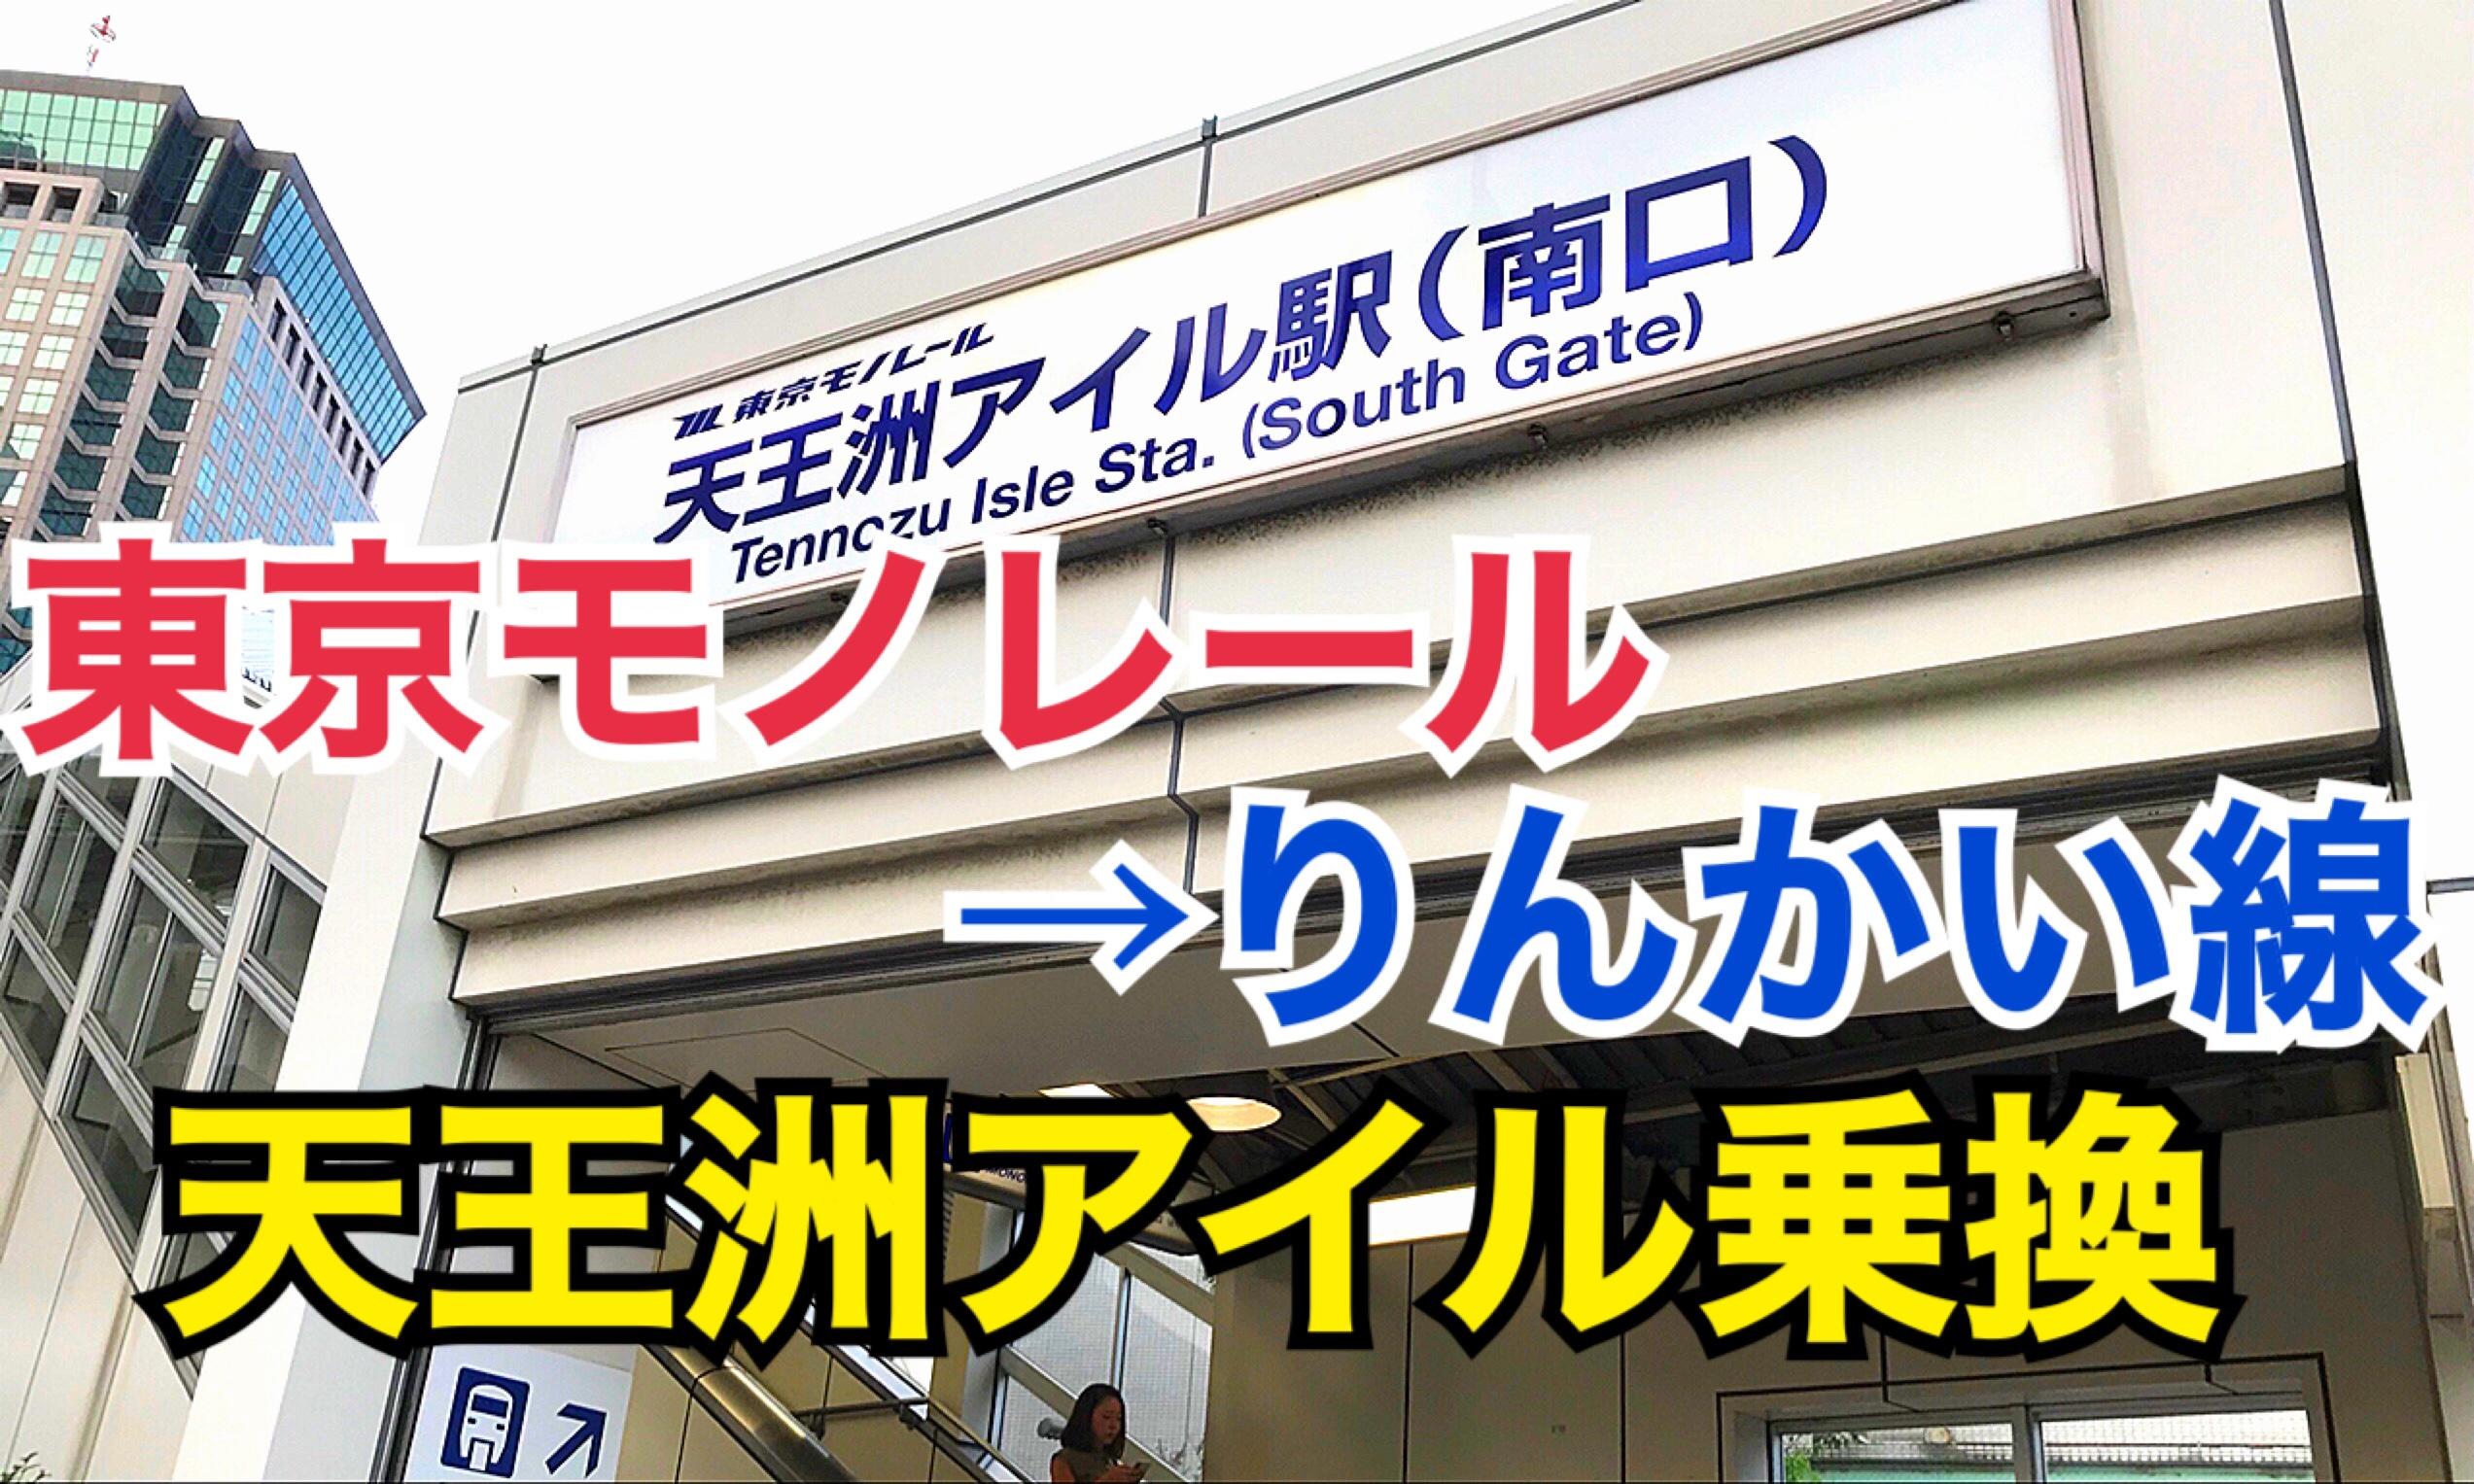 【簡単?】東京モノレールとりんかい線を「天王洲アイル」で乗り換える!【夏の東日本紀行2019】